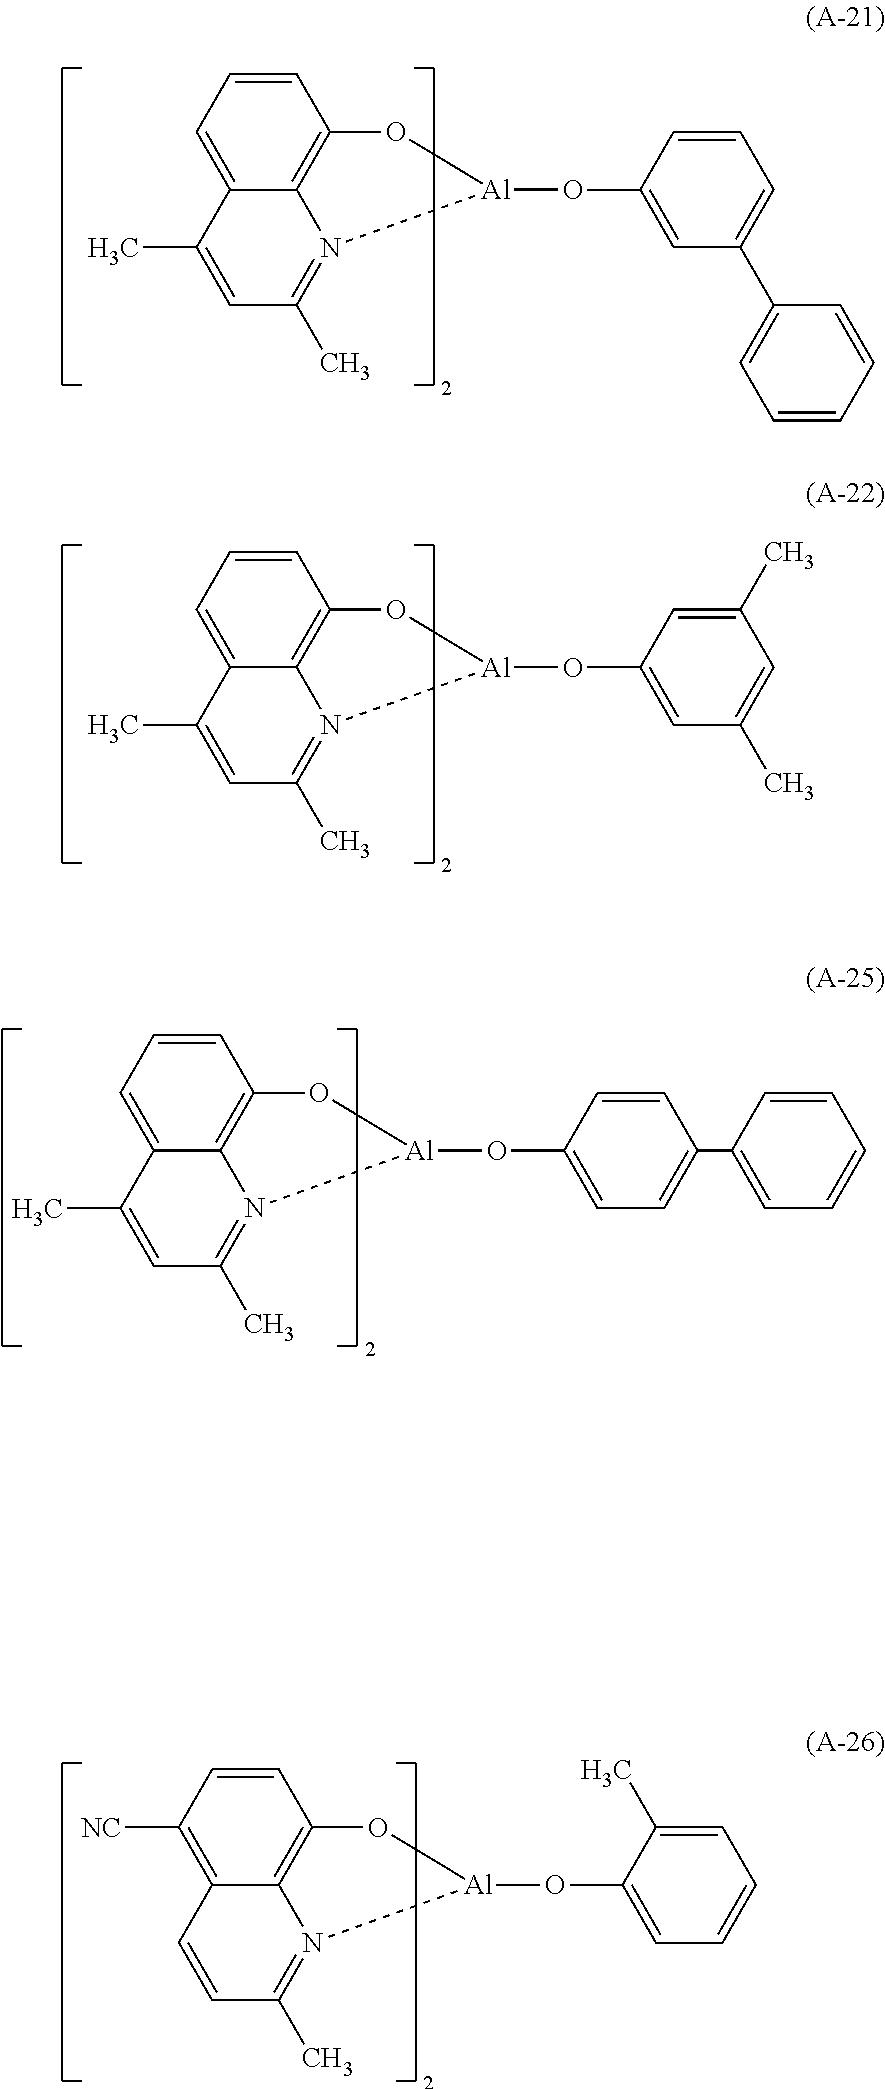 Figure US08568903-20131029-C00048